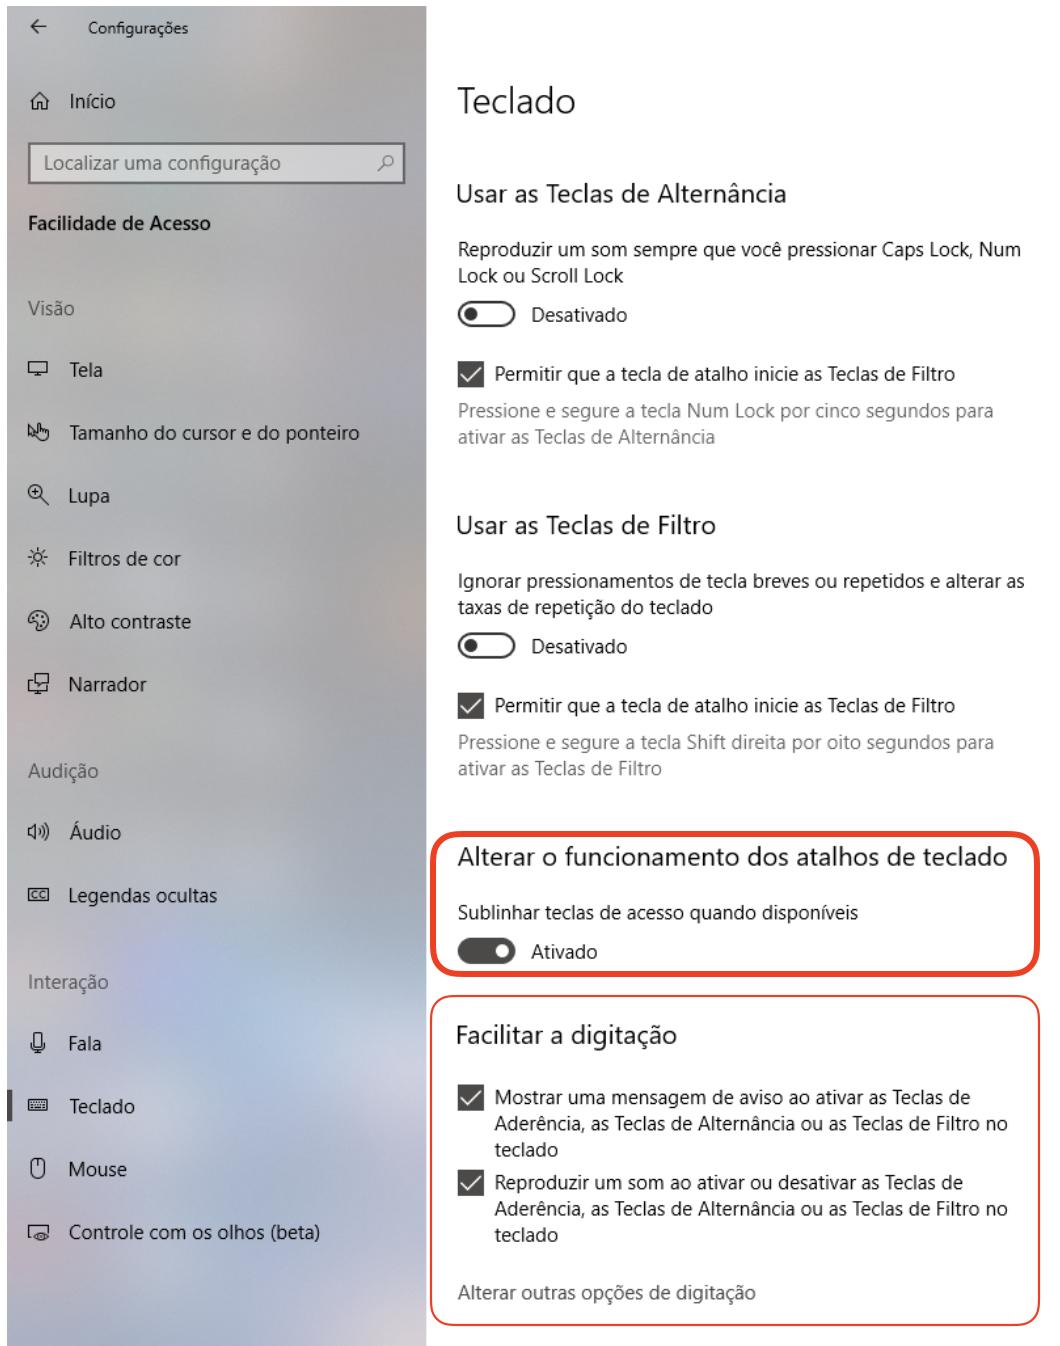 captura mostrando a opção sublinhar teclas de acesso ativada